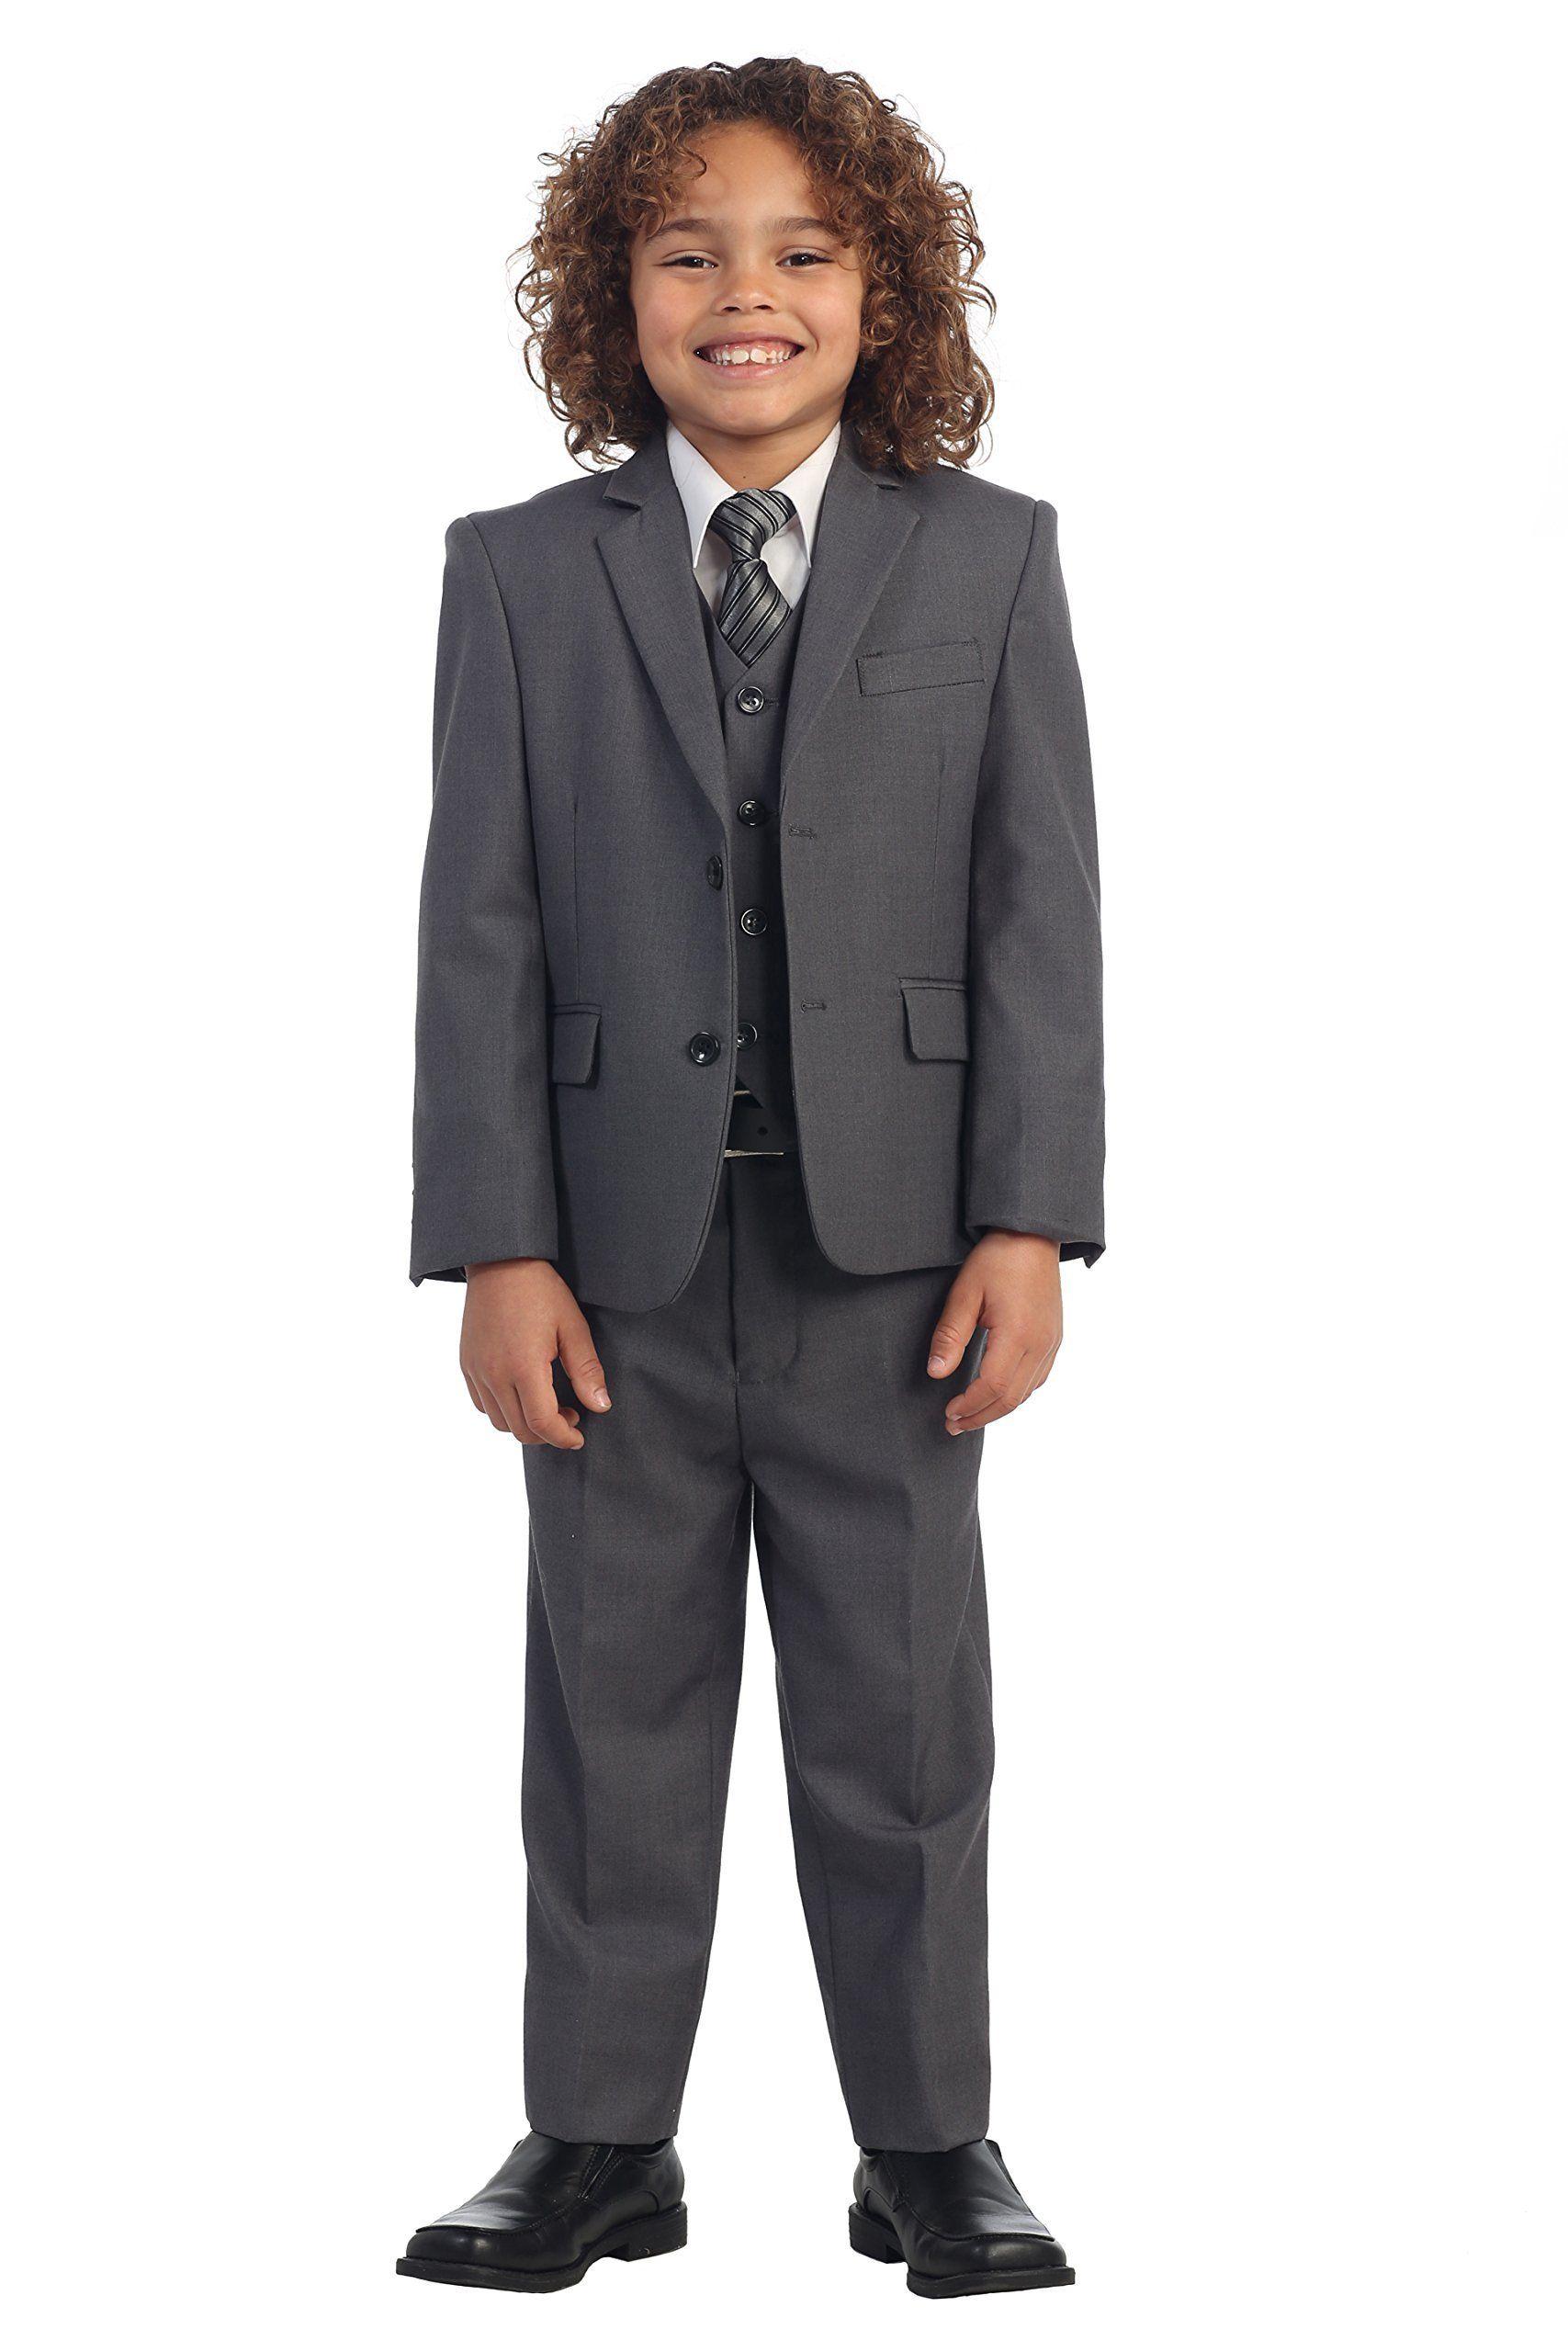 Amazon.com: Gioberti Little Boys Charcoal Suit, Vest, Pants, Dress ...